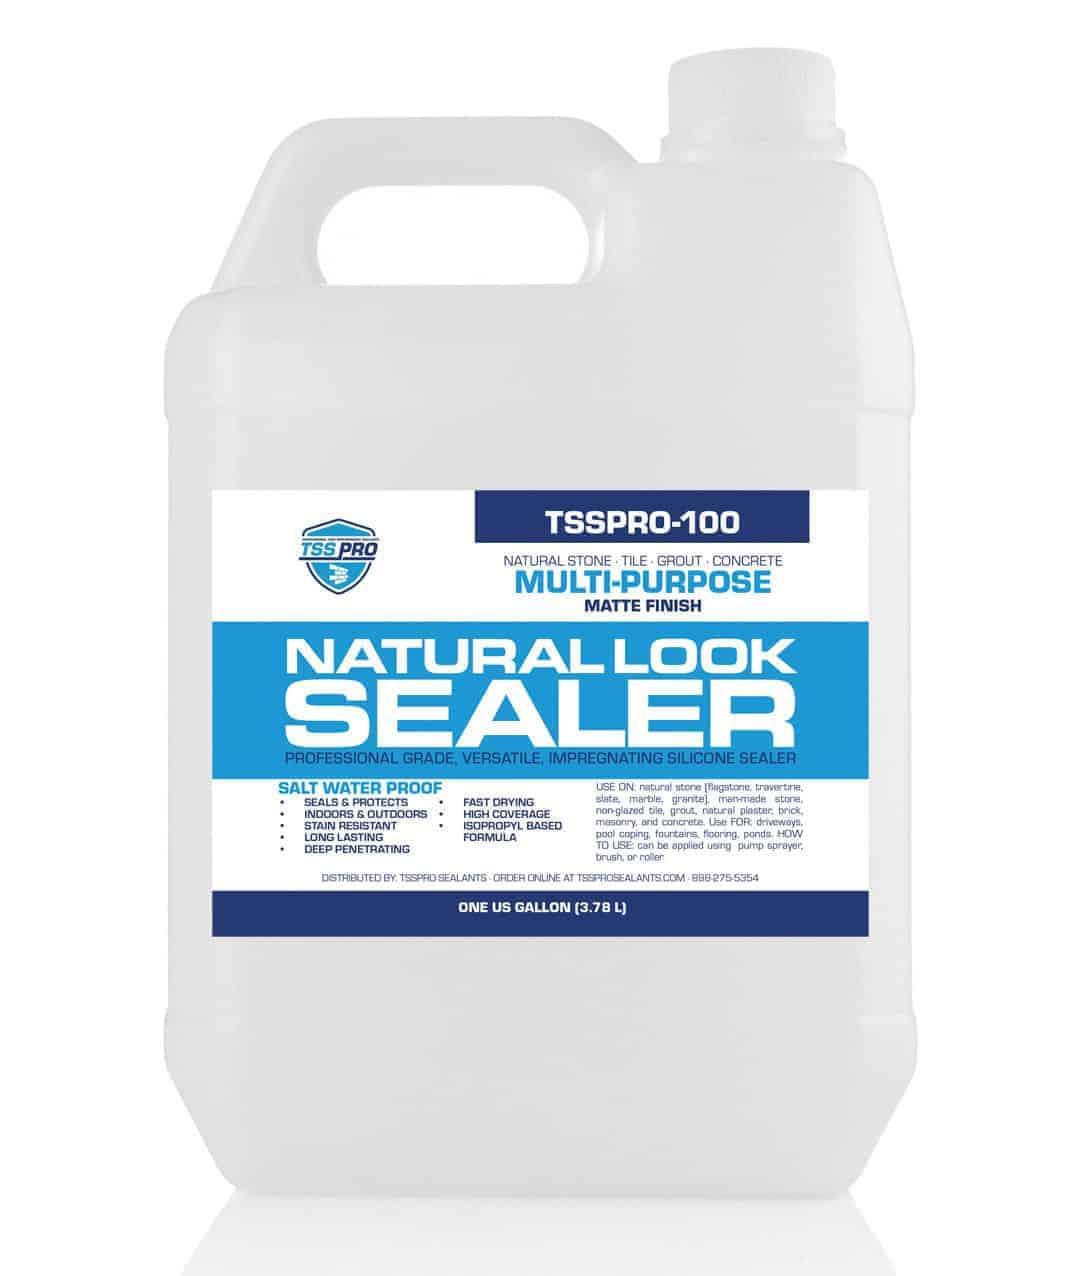 tsspro 100 natural look sealer solvent based sealer